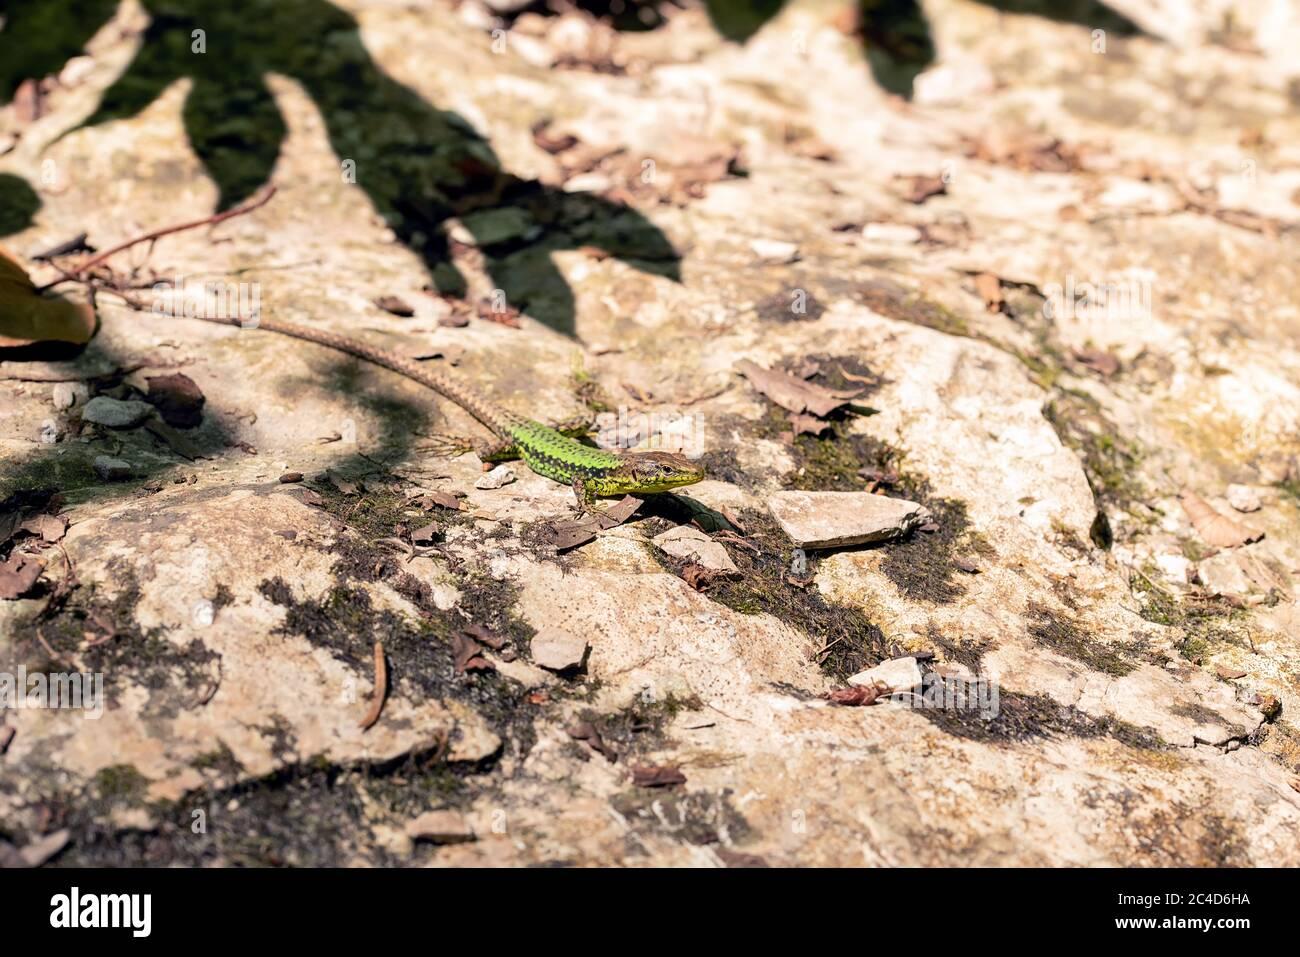 Nahaufnahme einer kleinen grünen Eidechse auf dem sonnigen Sandboden Stockfoto